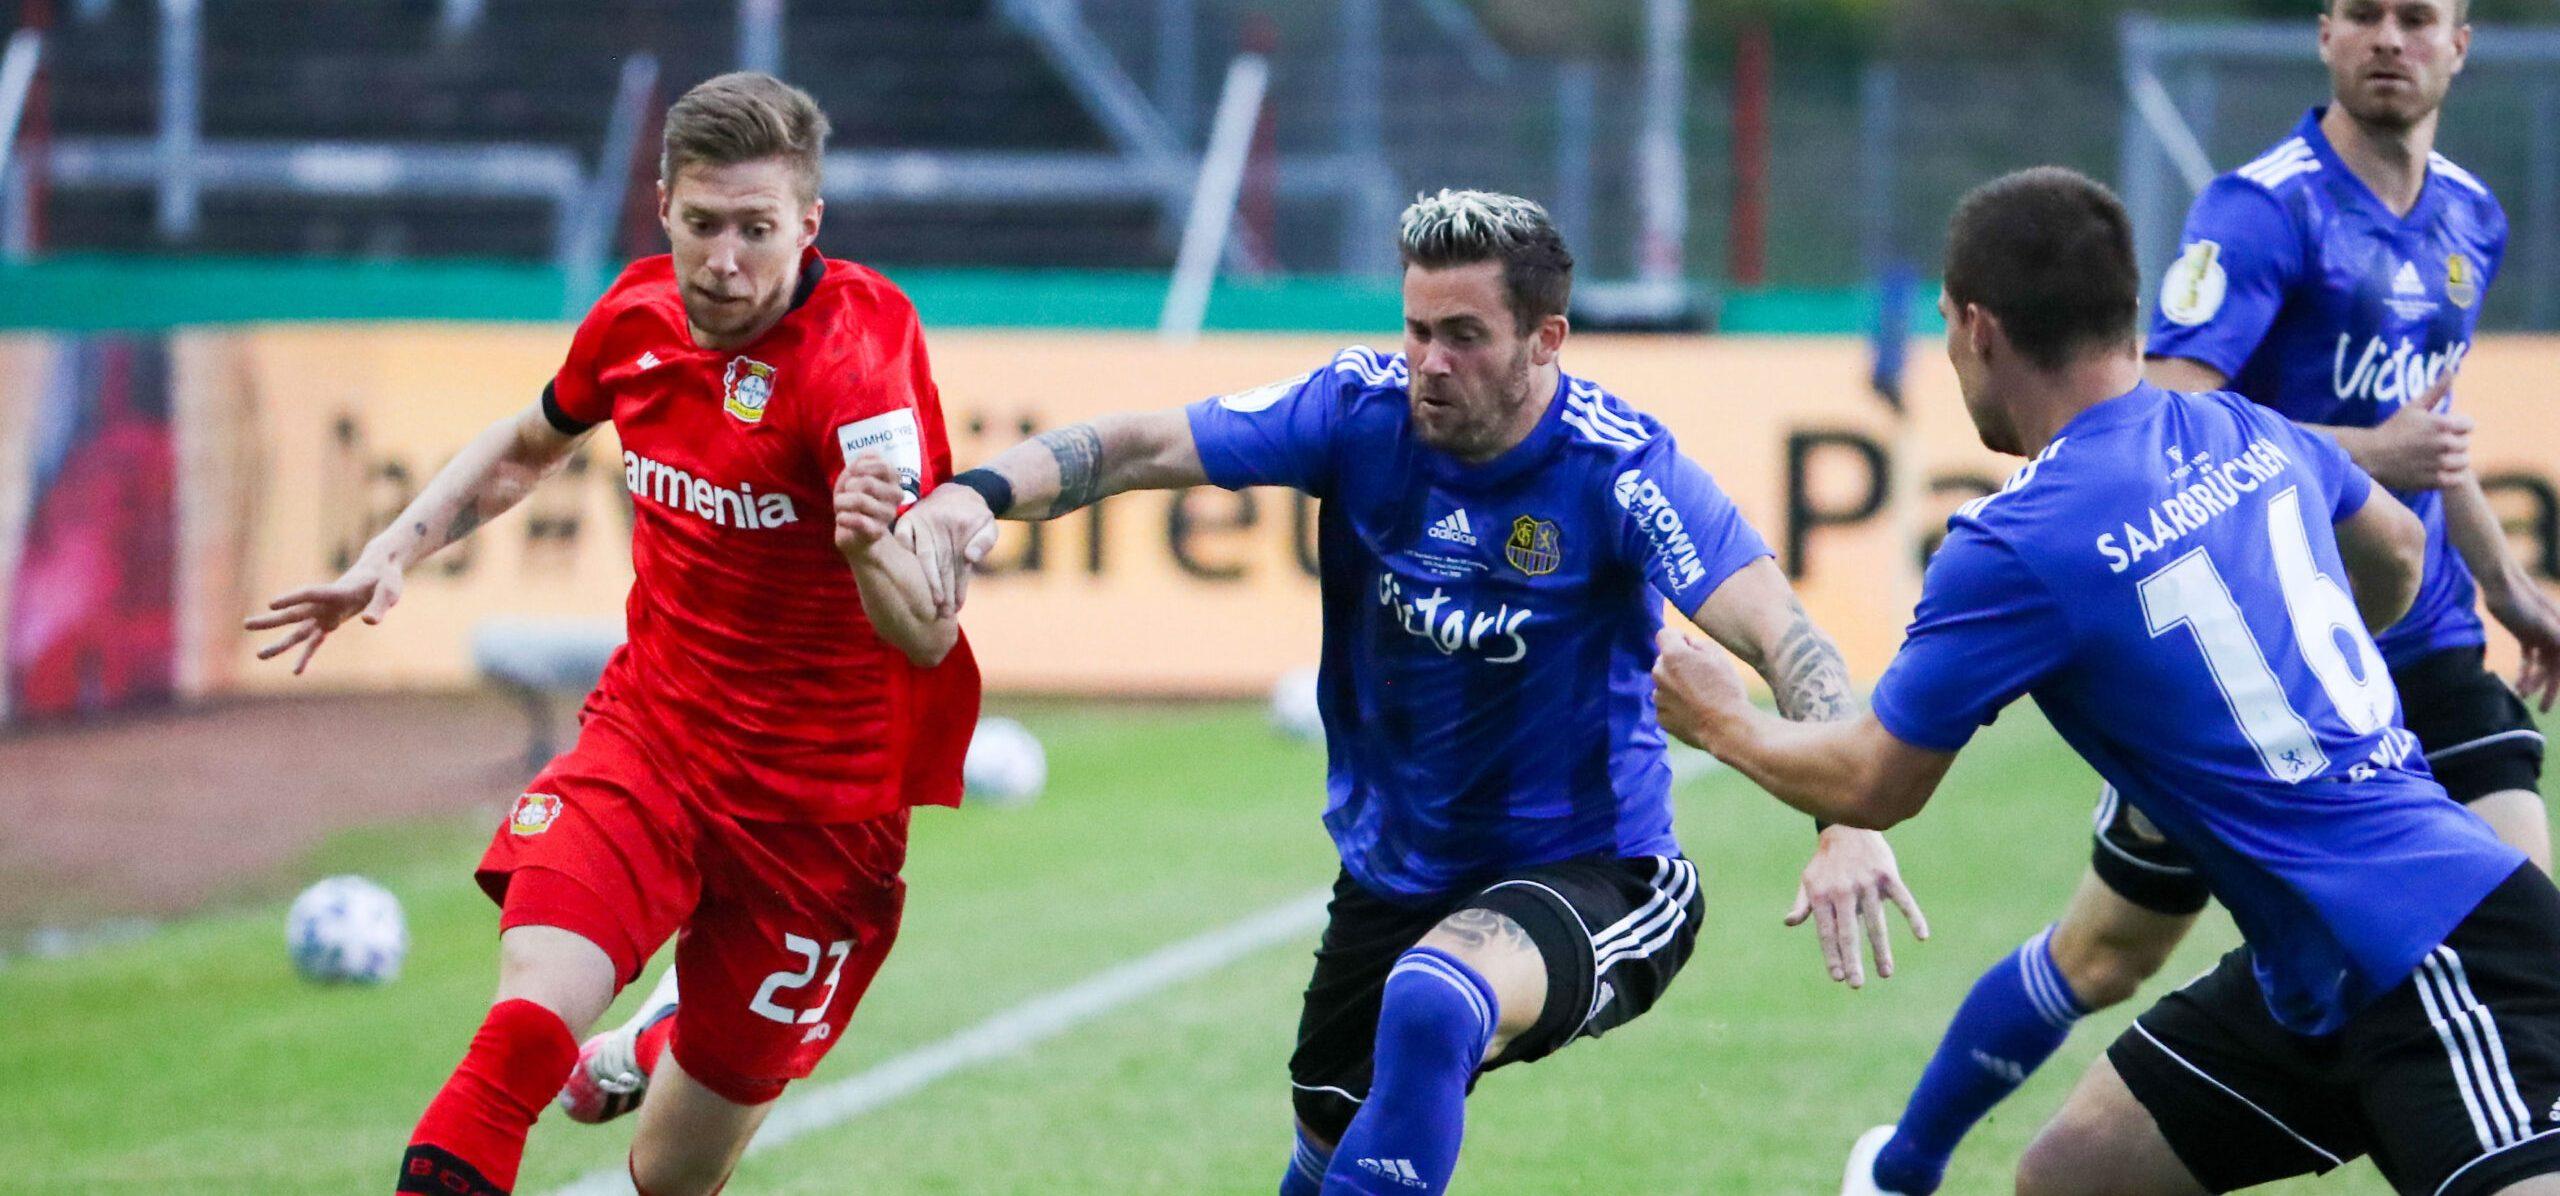 Aus im DFB-Pokal: Leverkusen machte Märchen zunichte